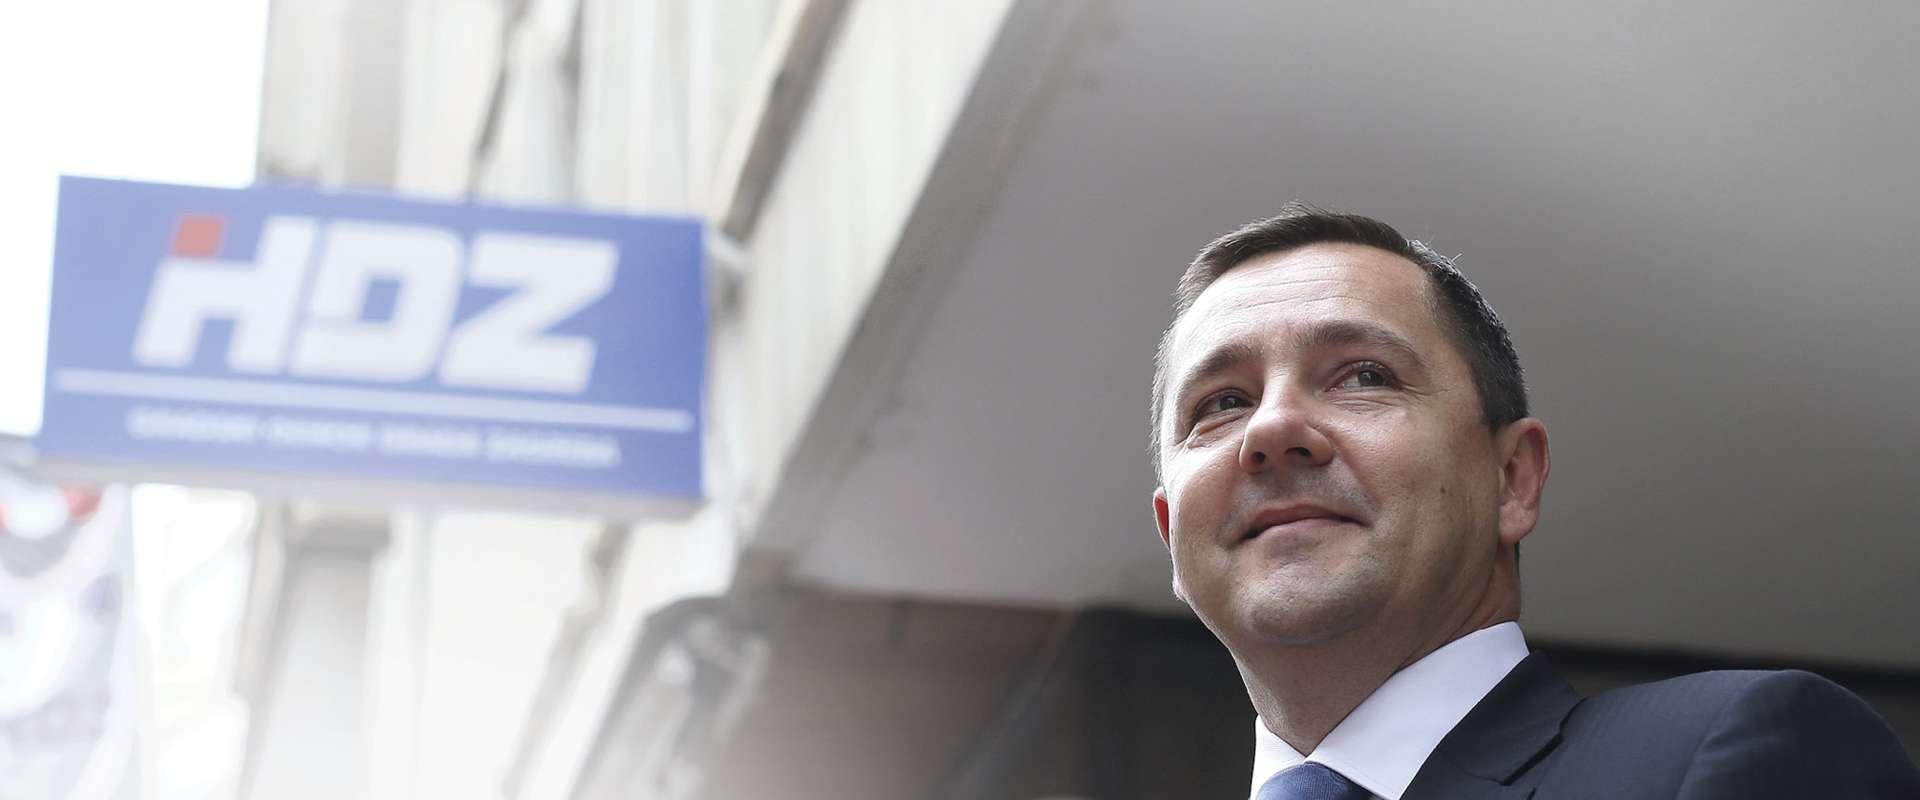 U ratu protiv Brkića Mikulića optužuju za sukob interesa